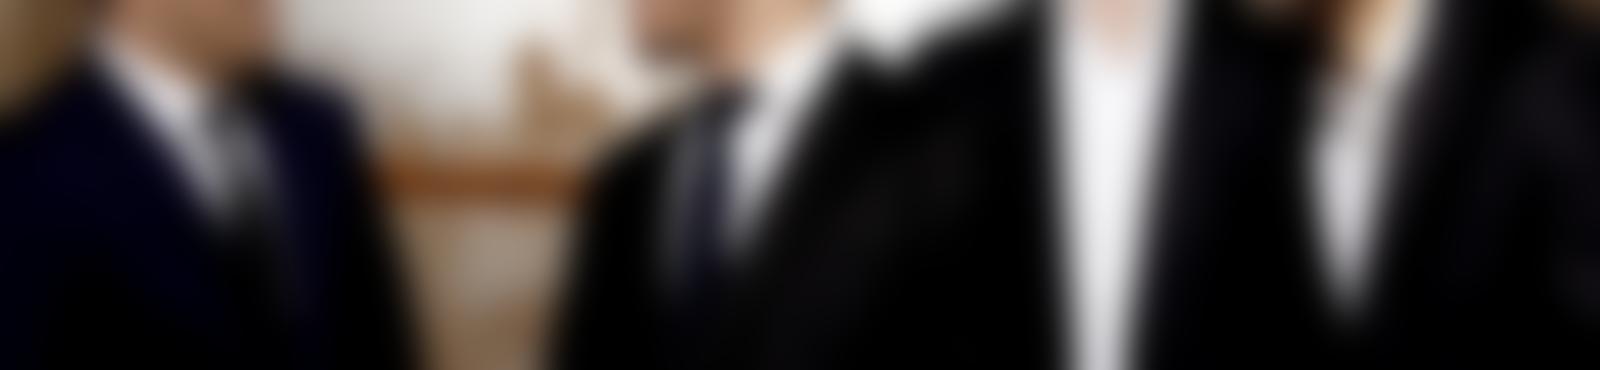 Blurred b42d9e02 1ec2 4230 a068 875649bf0c78